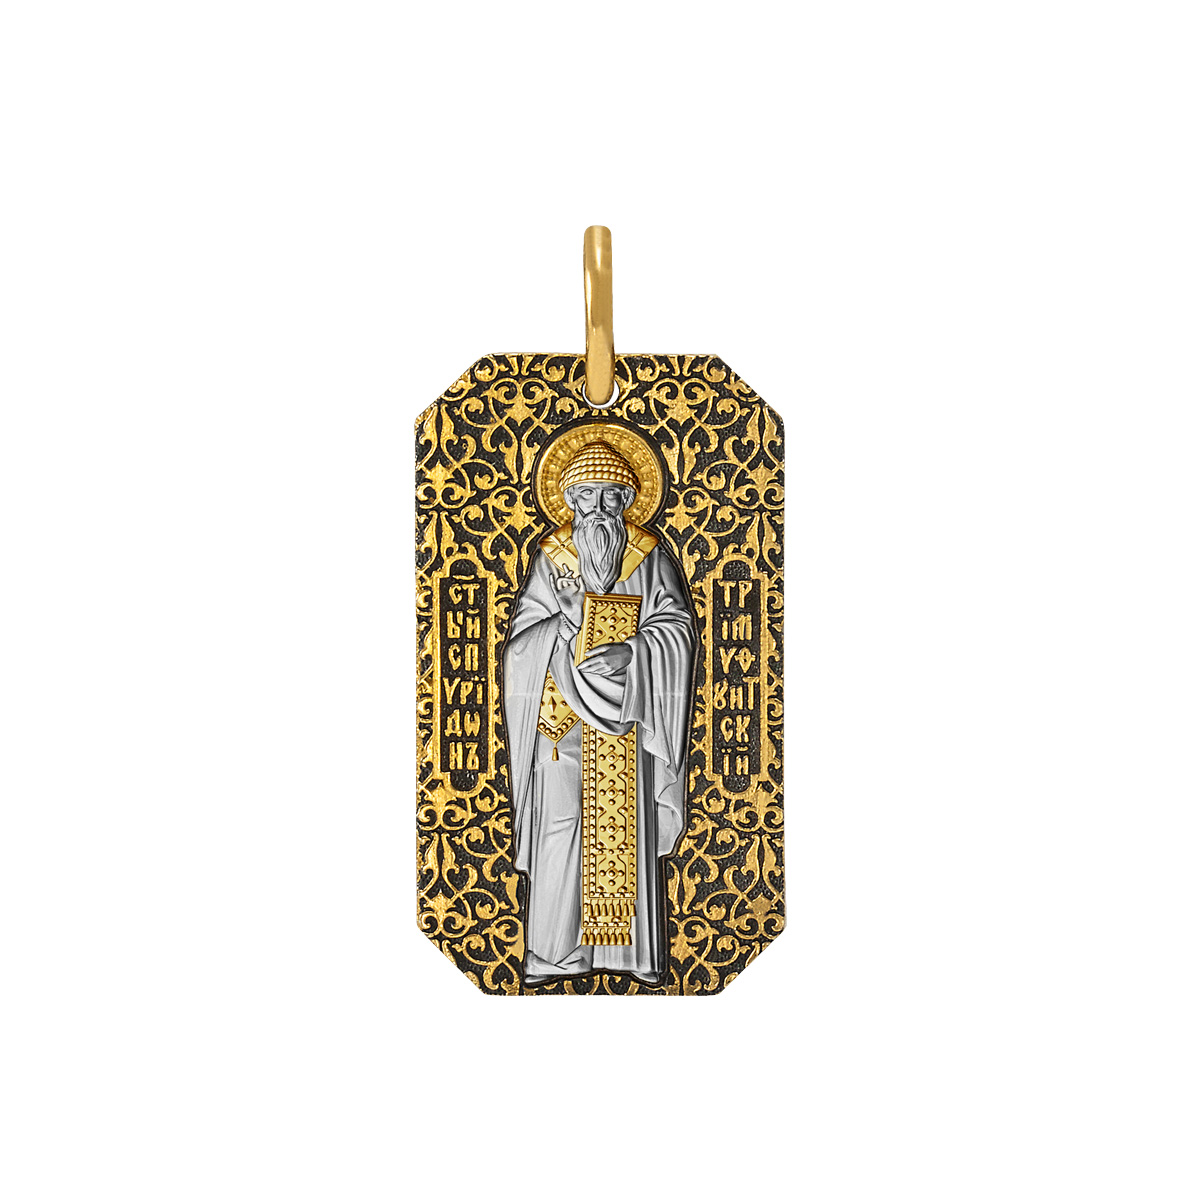 Образок Святитель Спиридон Тримифунтский 02.104